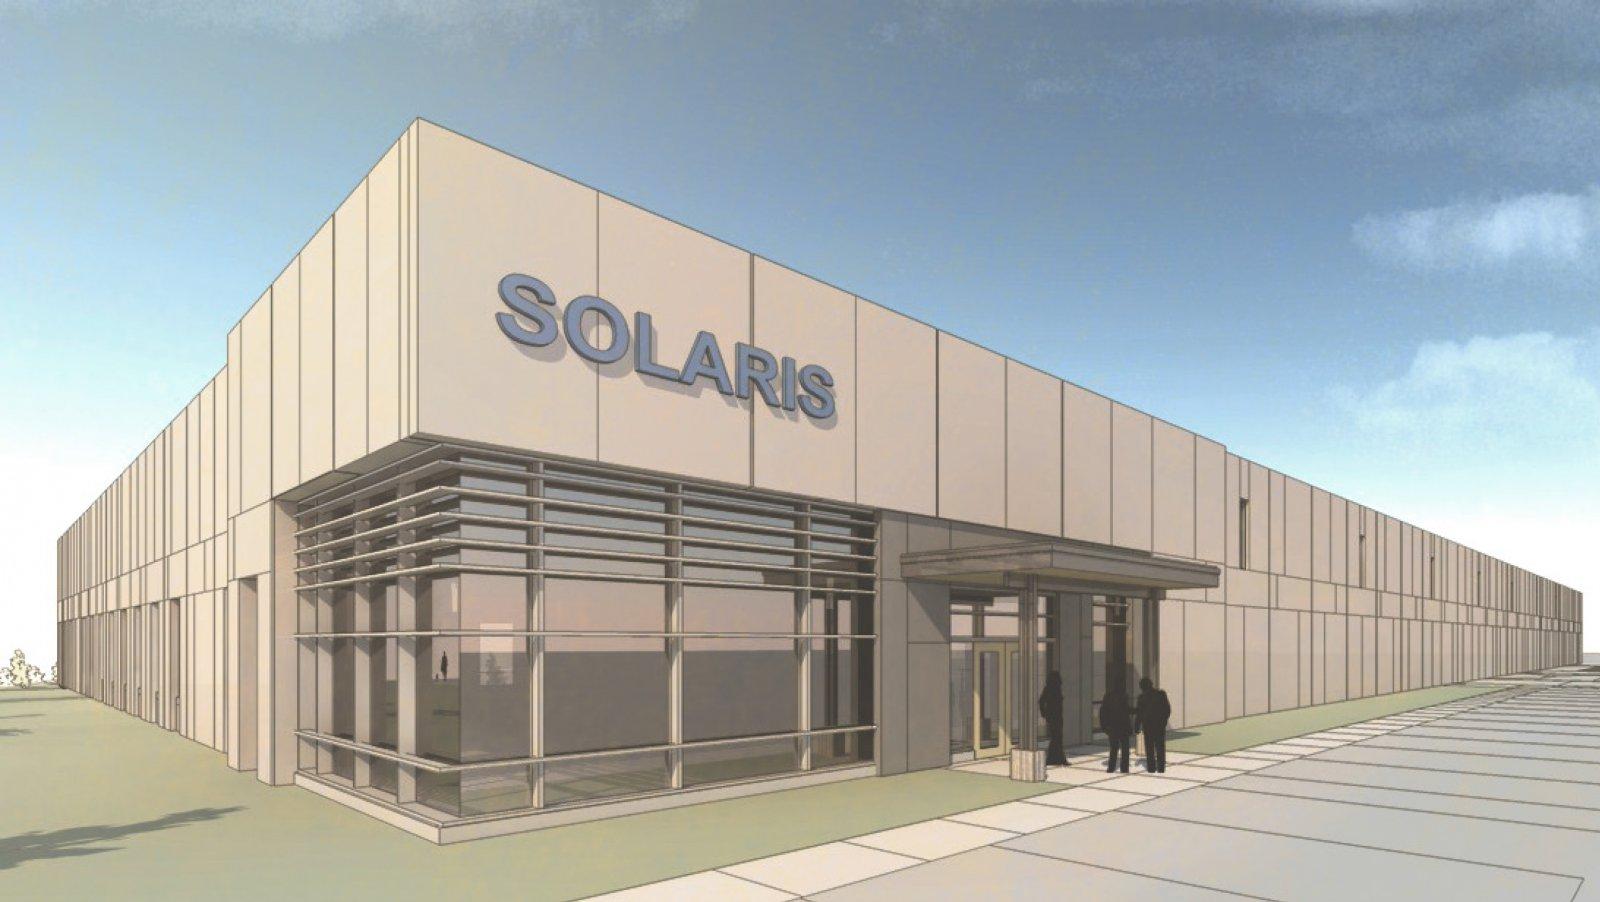 Solaris Rendering